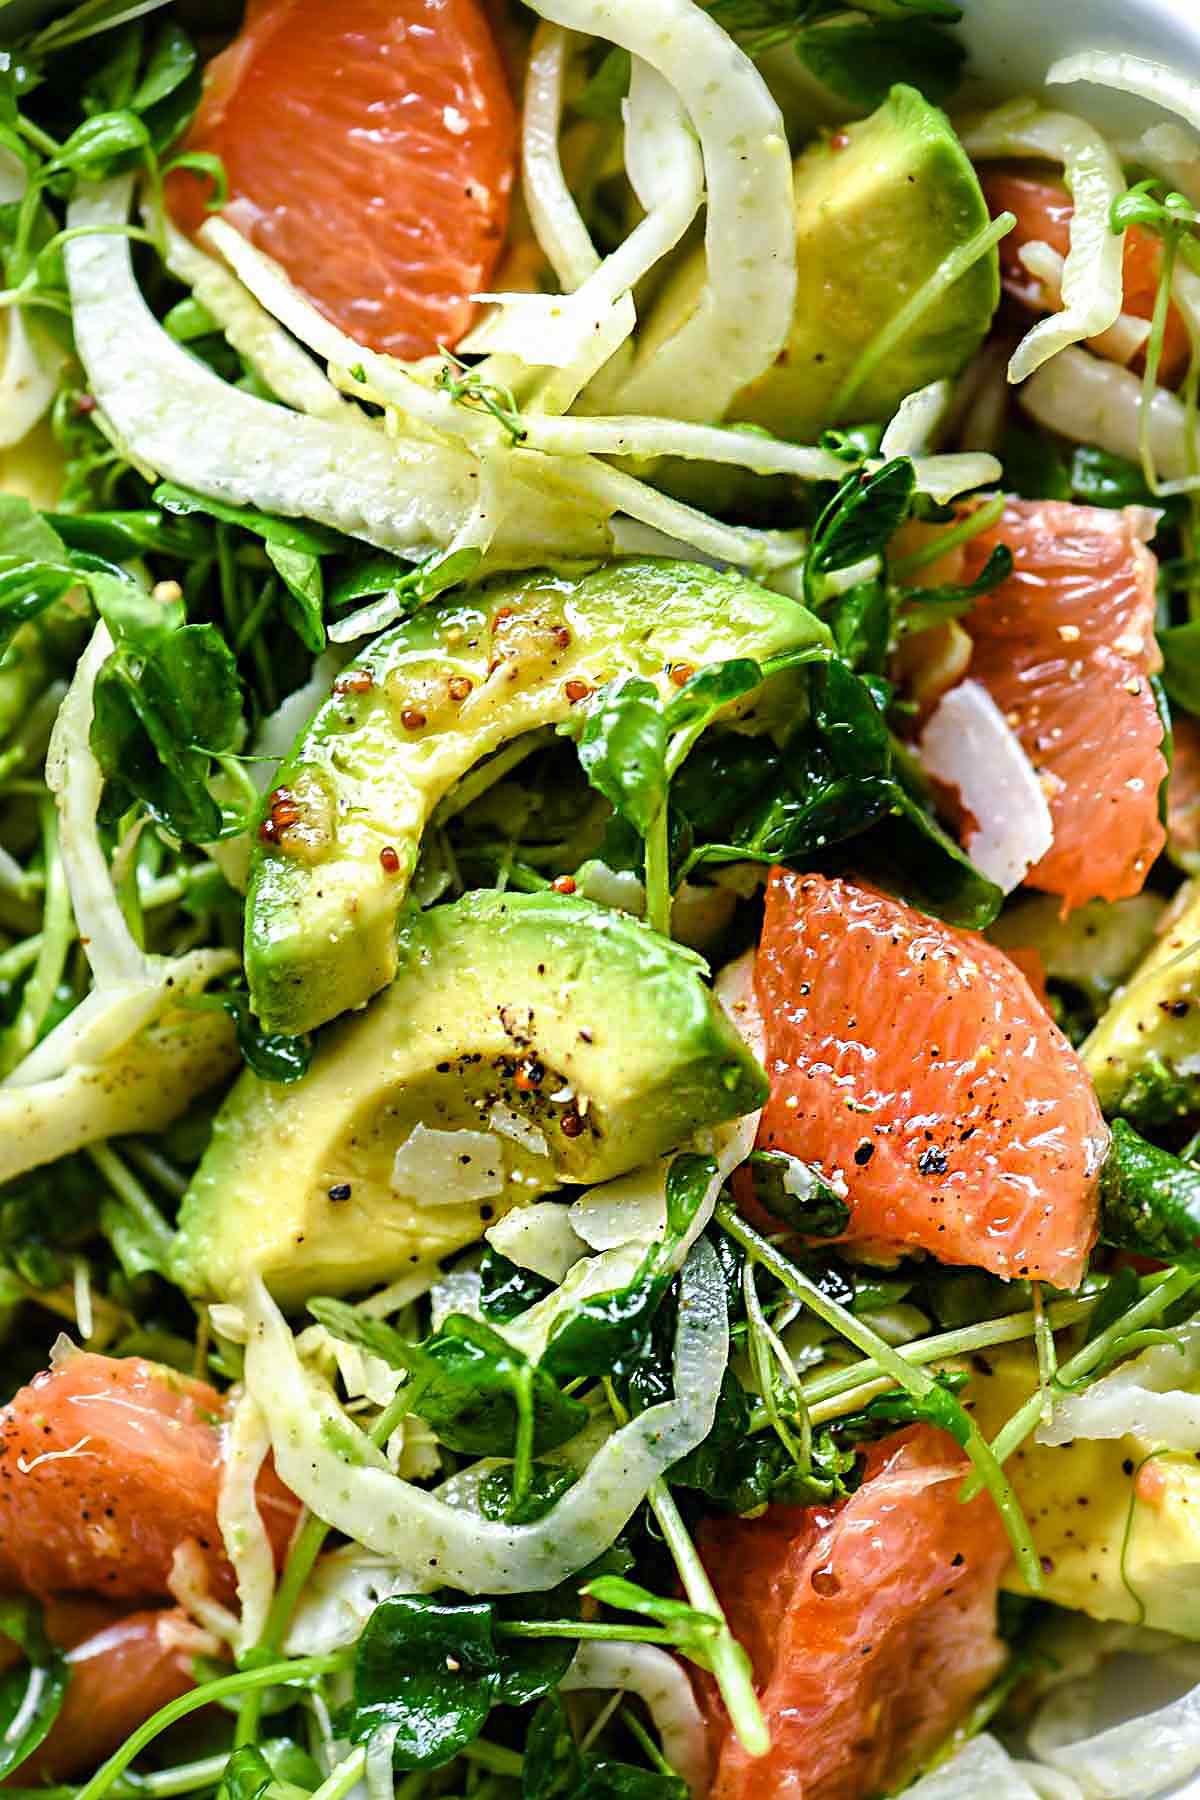 Grapefruit-Avocado-Fennel-Salad-foodiecrush.com-010.jpg